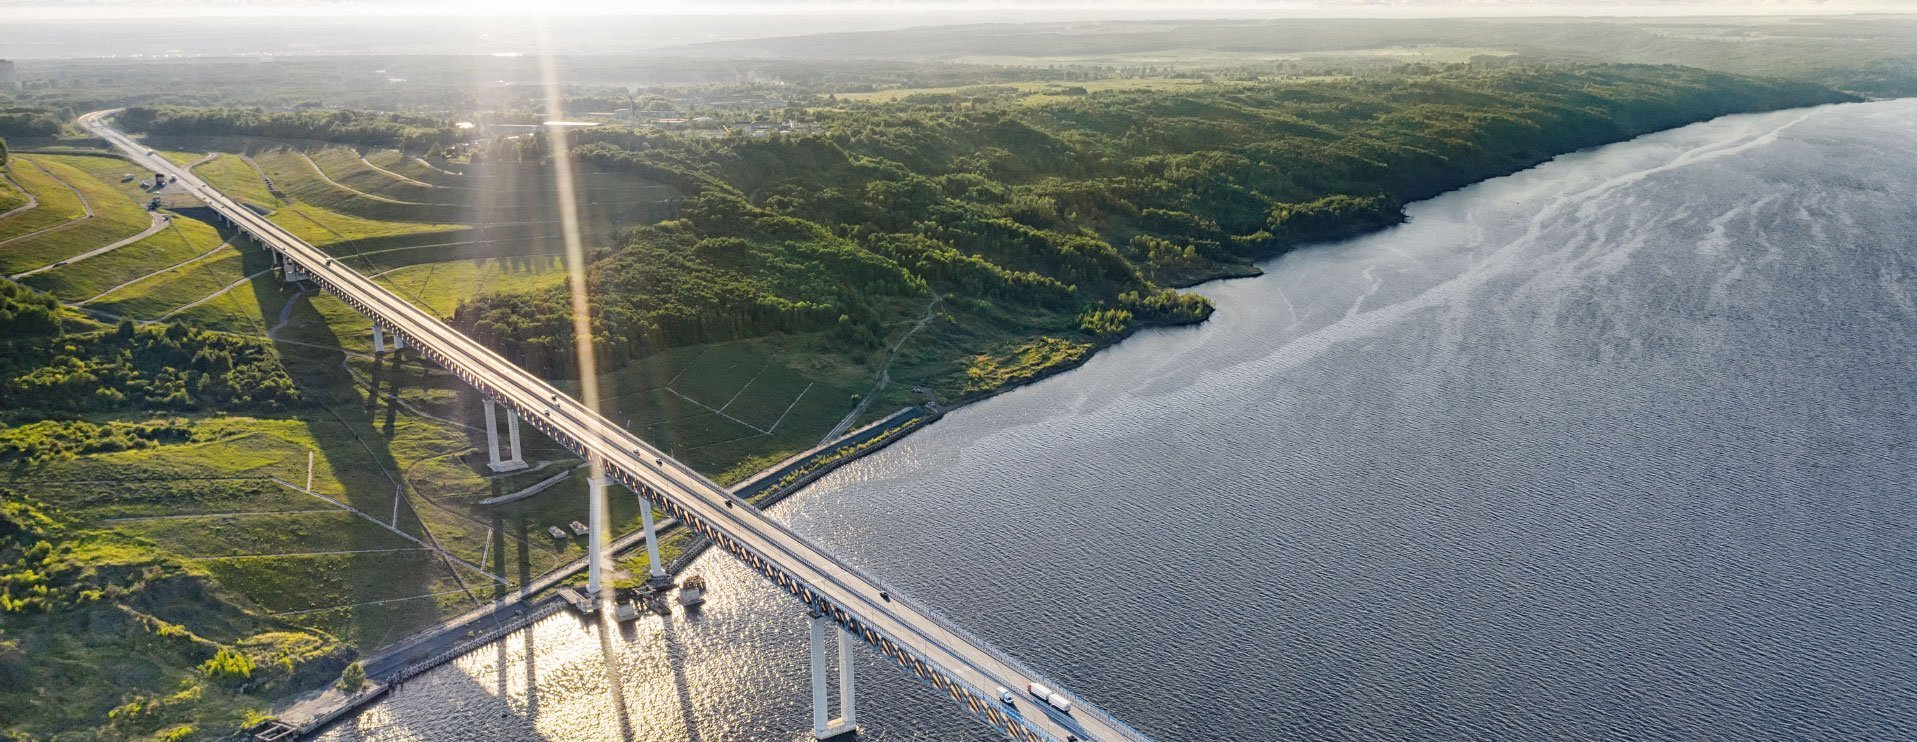 在俄罗斯1000强项目中,有10个来自乌里扬诺夫斯克地区的创意。